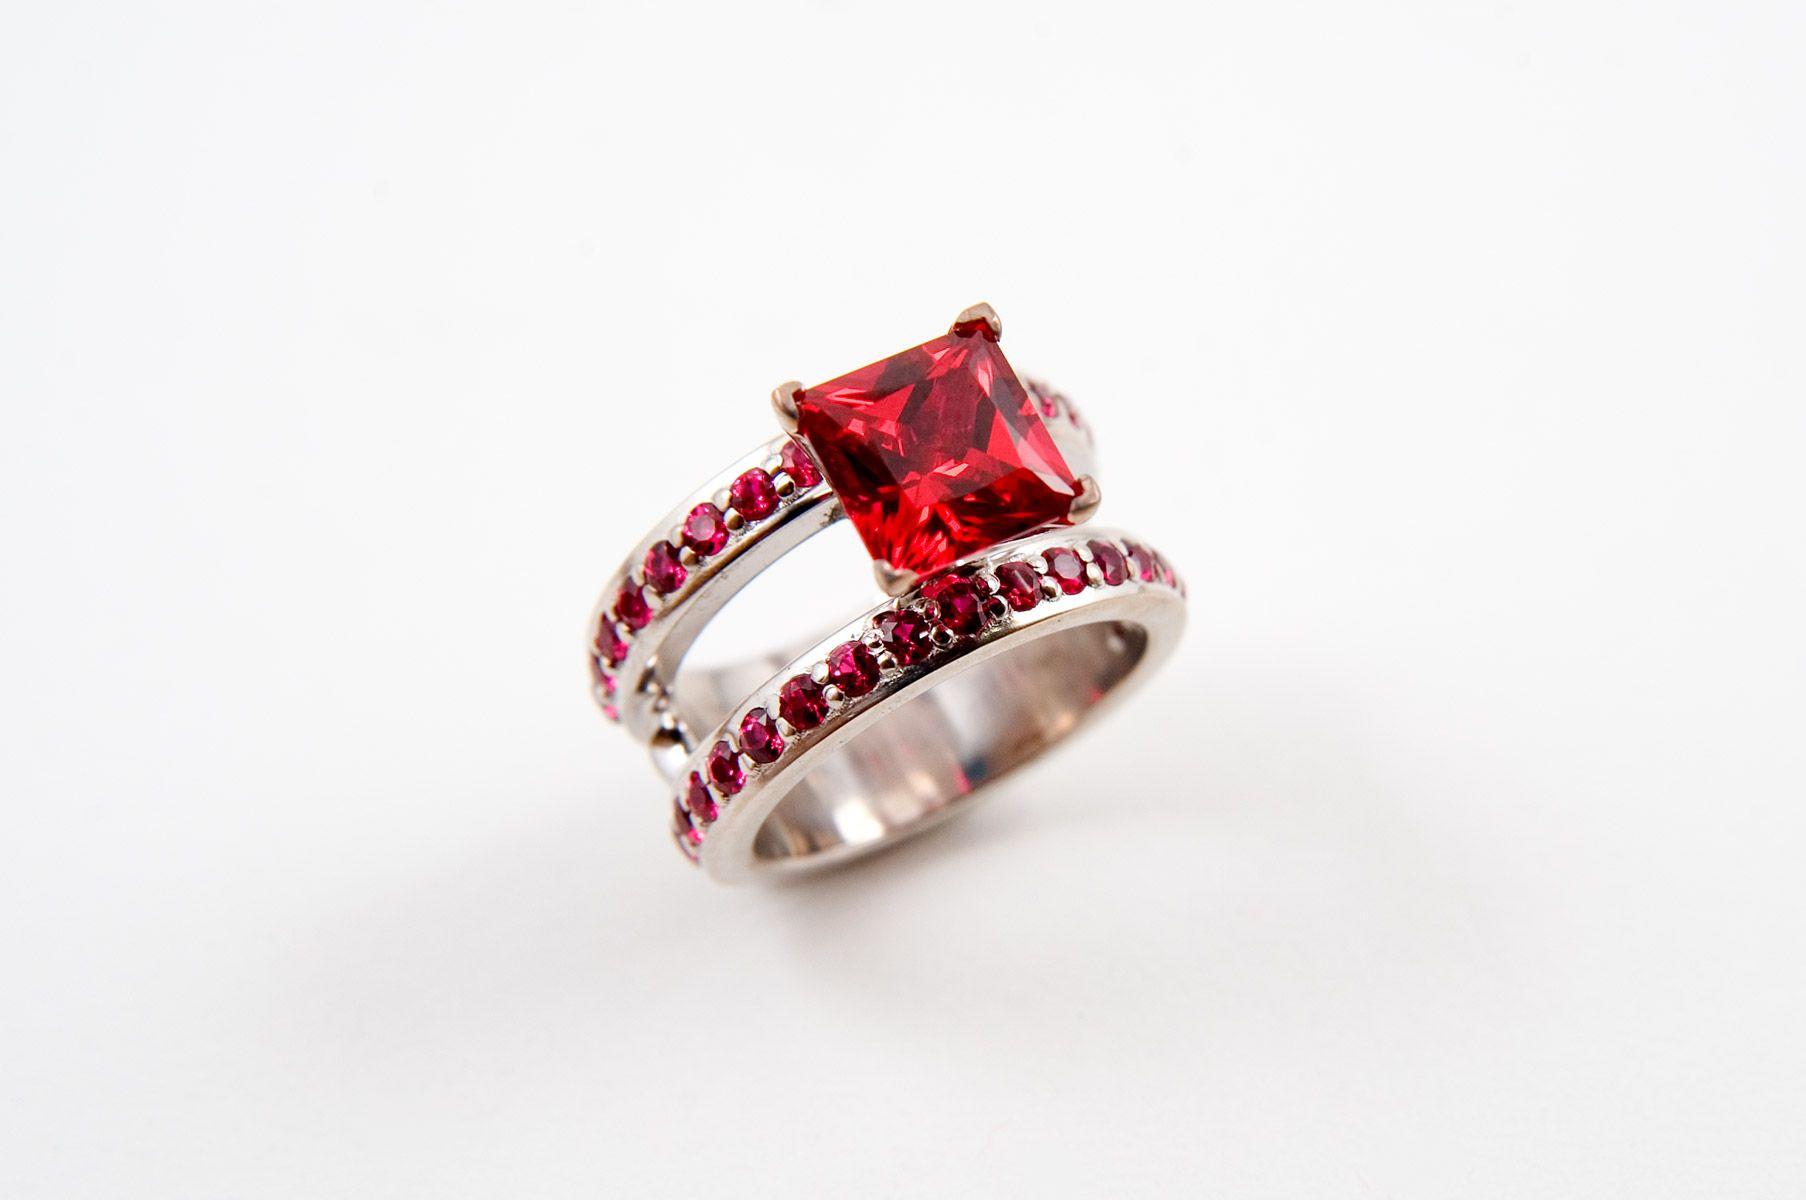 Ruby wedding rings trends rings u accessories